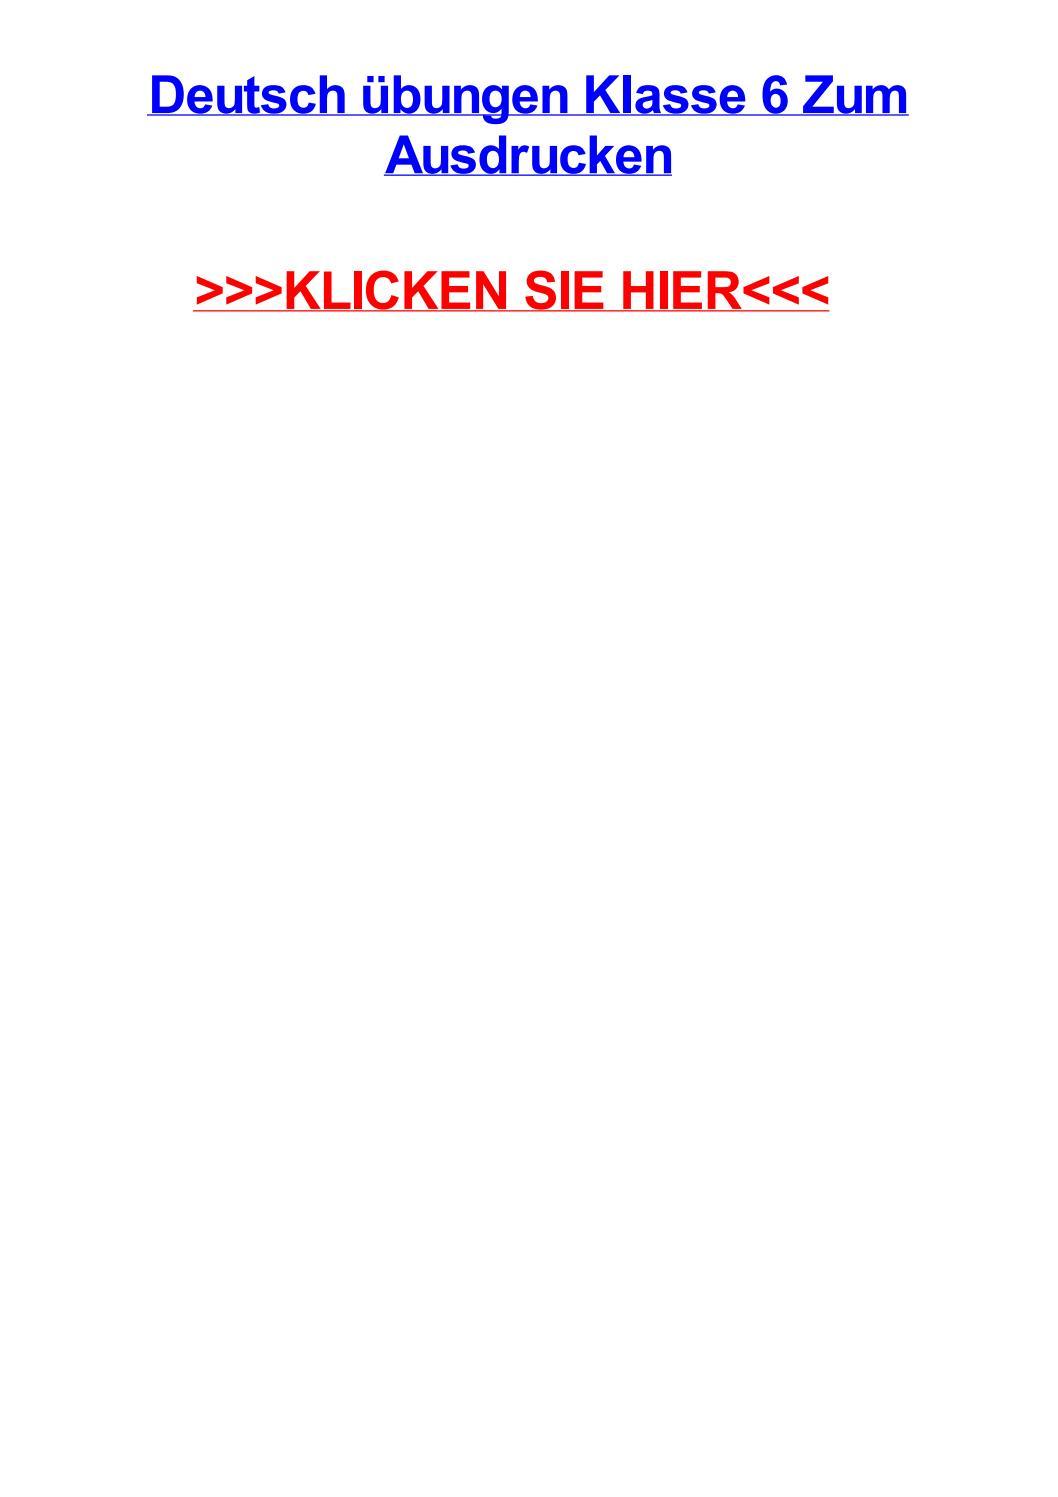 Deutsch jbungen klasse 6 zum ausdrucken by tracivueey - issuu